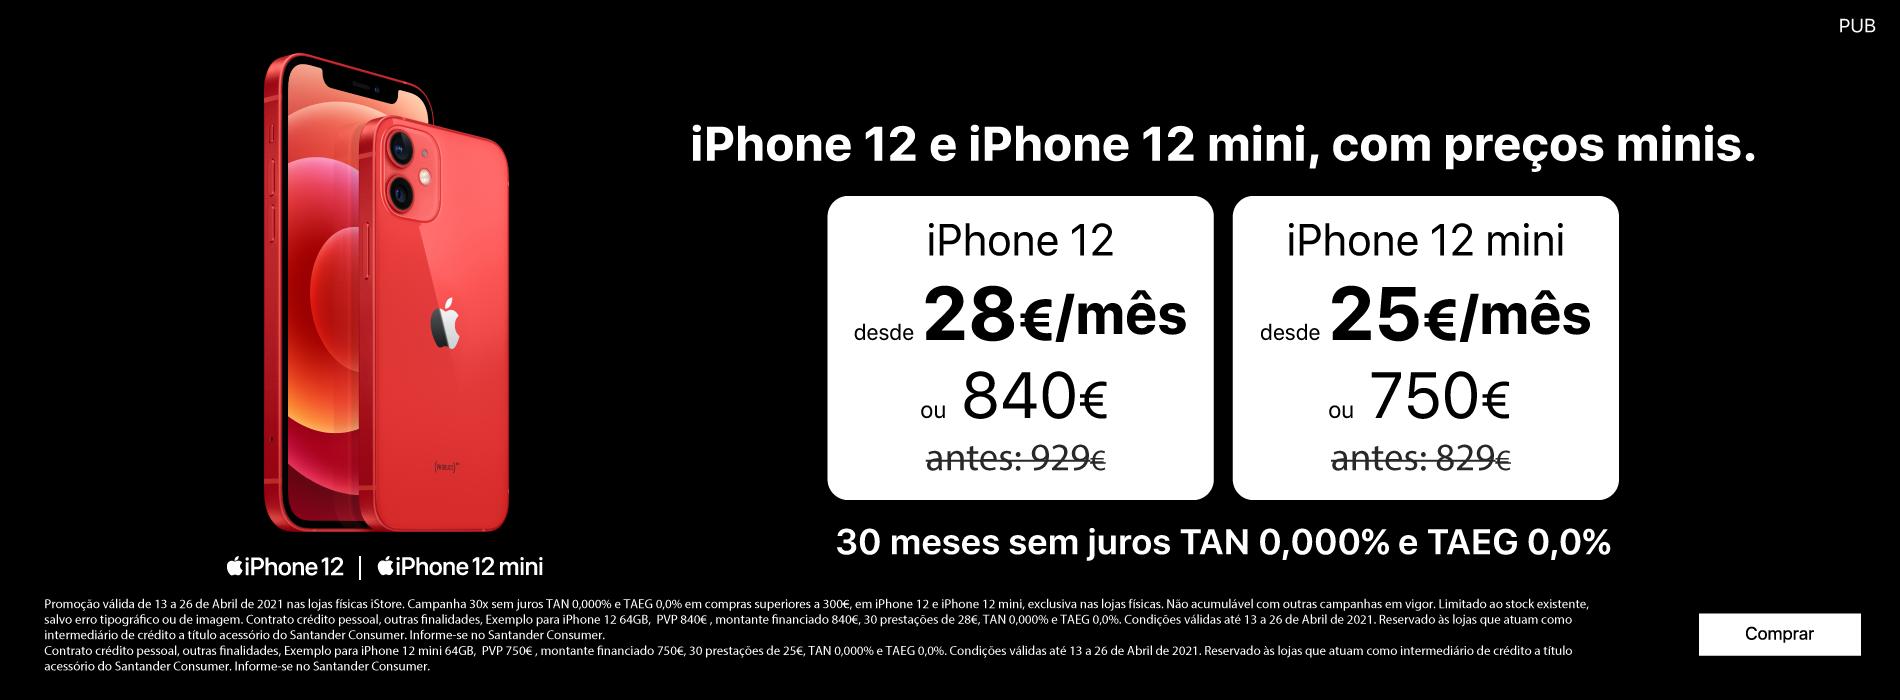 Homepage Slideshow - Campanha iPhone 12 e 12 mini